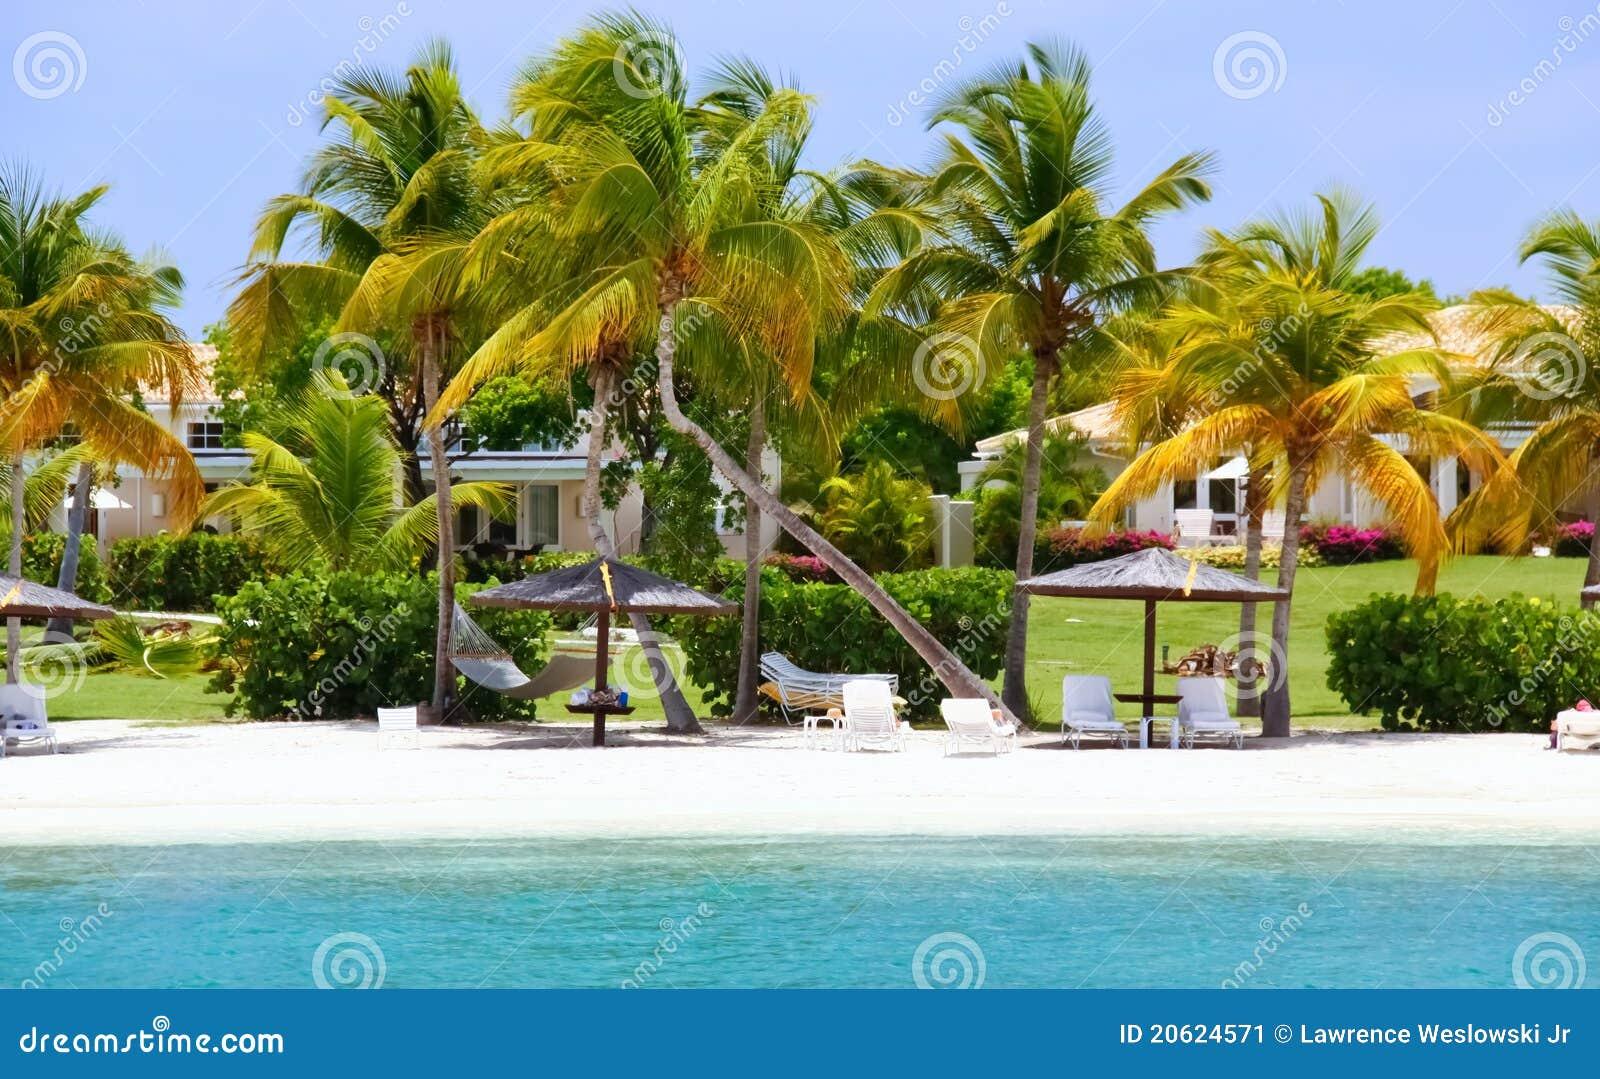 Maisons exclusives de bord de mer avec la plage sur l 39 antigua image stock - Maison bord de plage ...